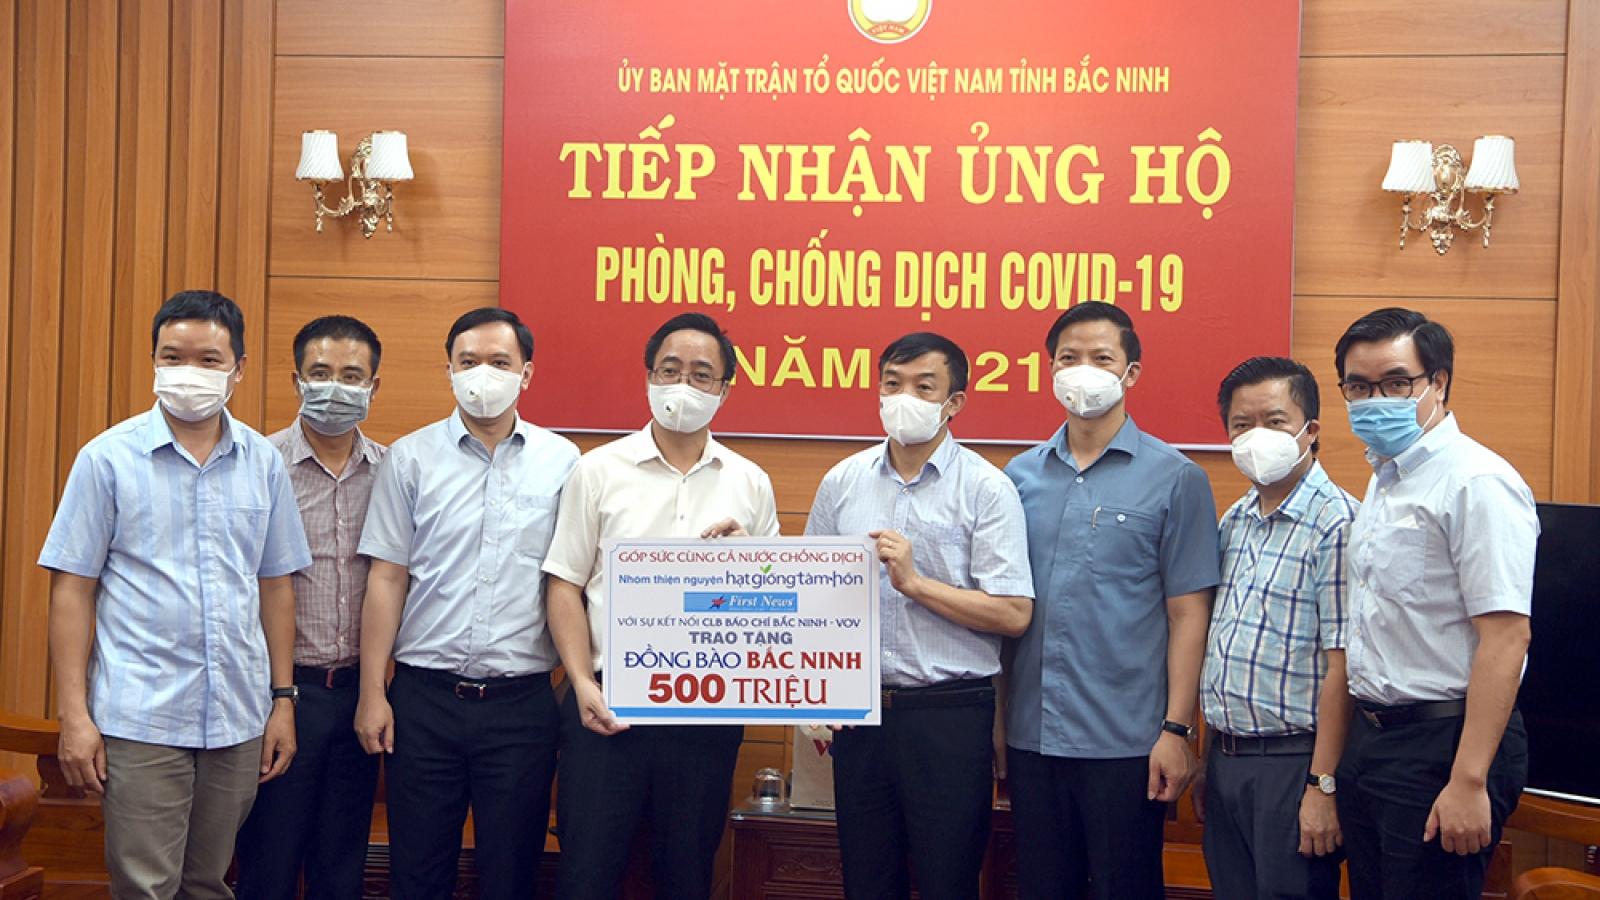 VOV và nhóm Hạt Giống Tâm Hồn trao 1 tỷ đồng giúp Bắc Ninh, Bắc Giang chống dịch